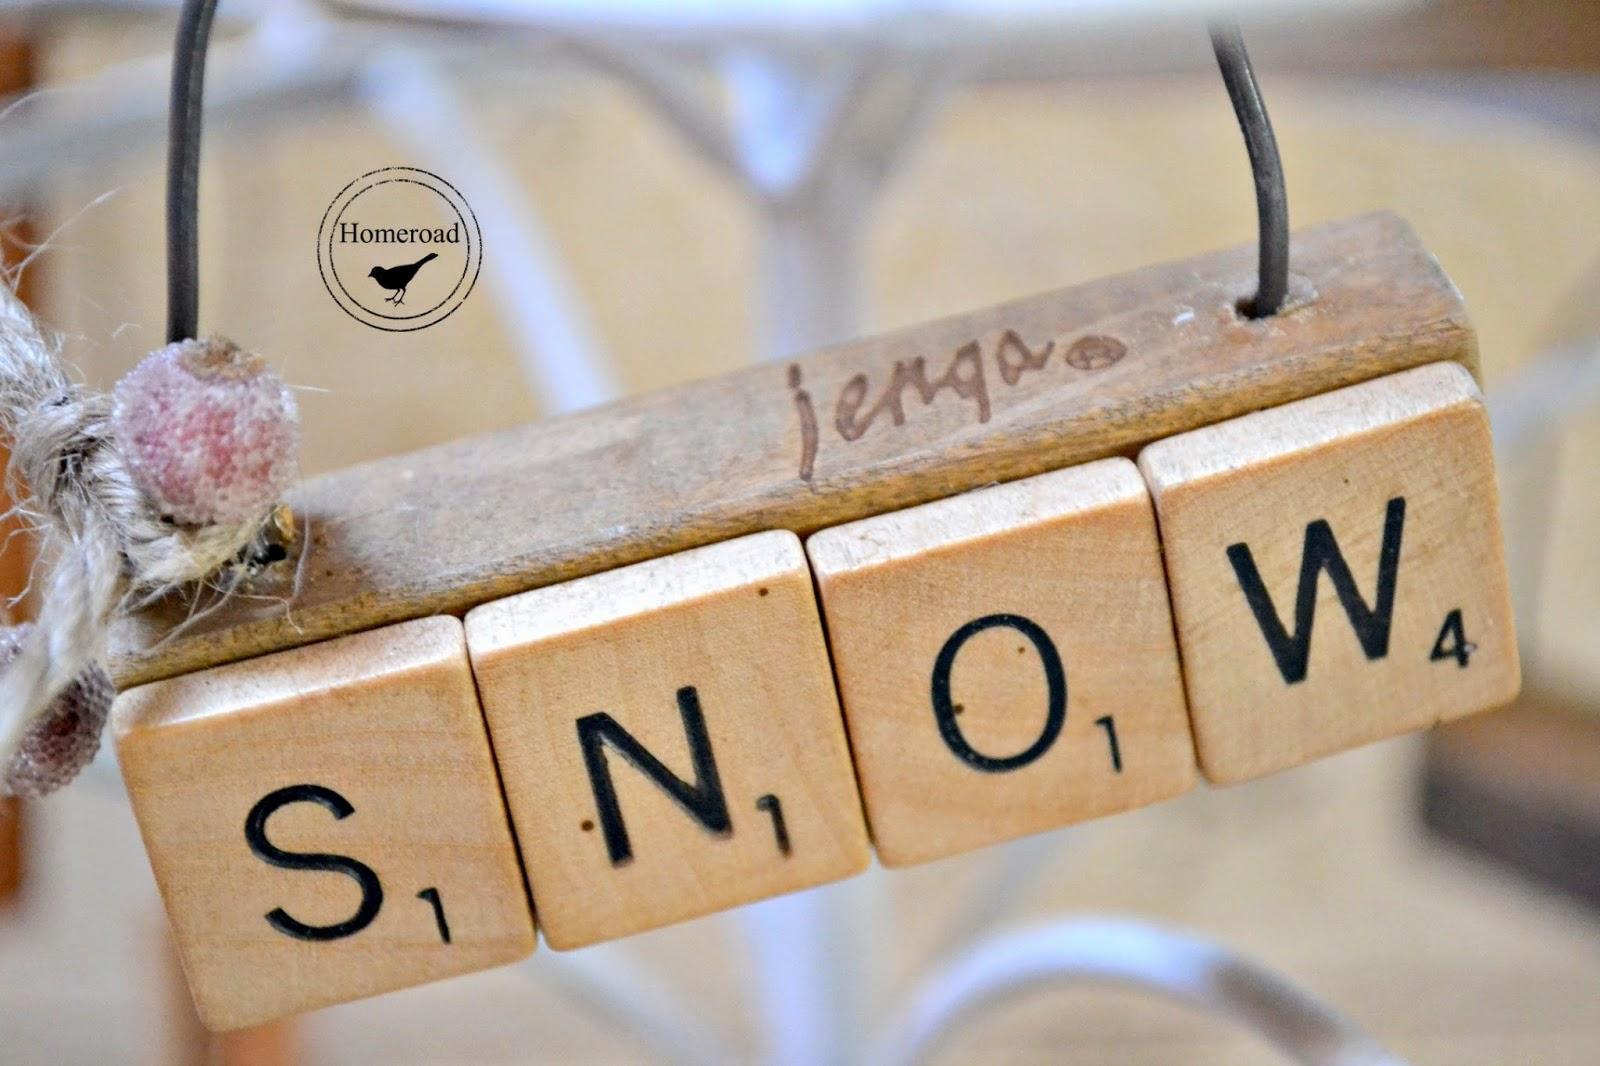 scrabble-jenga-Christmas-ornaments www.homeroad.net